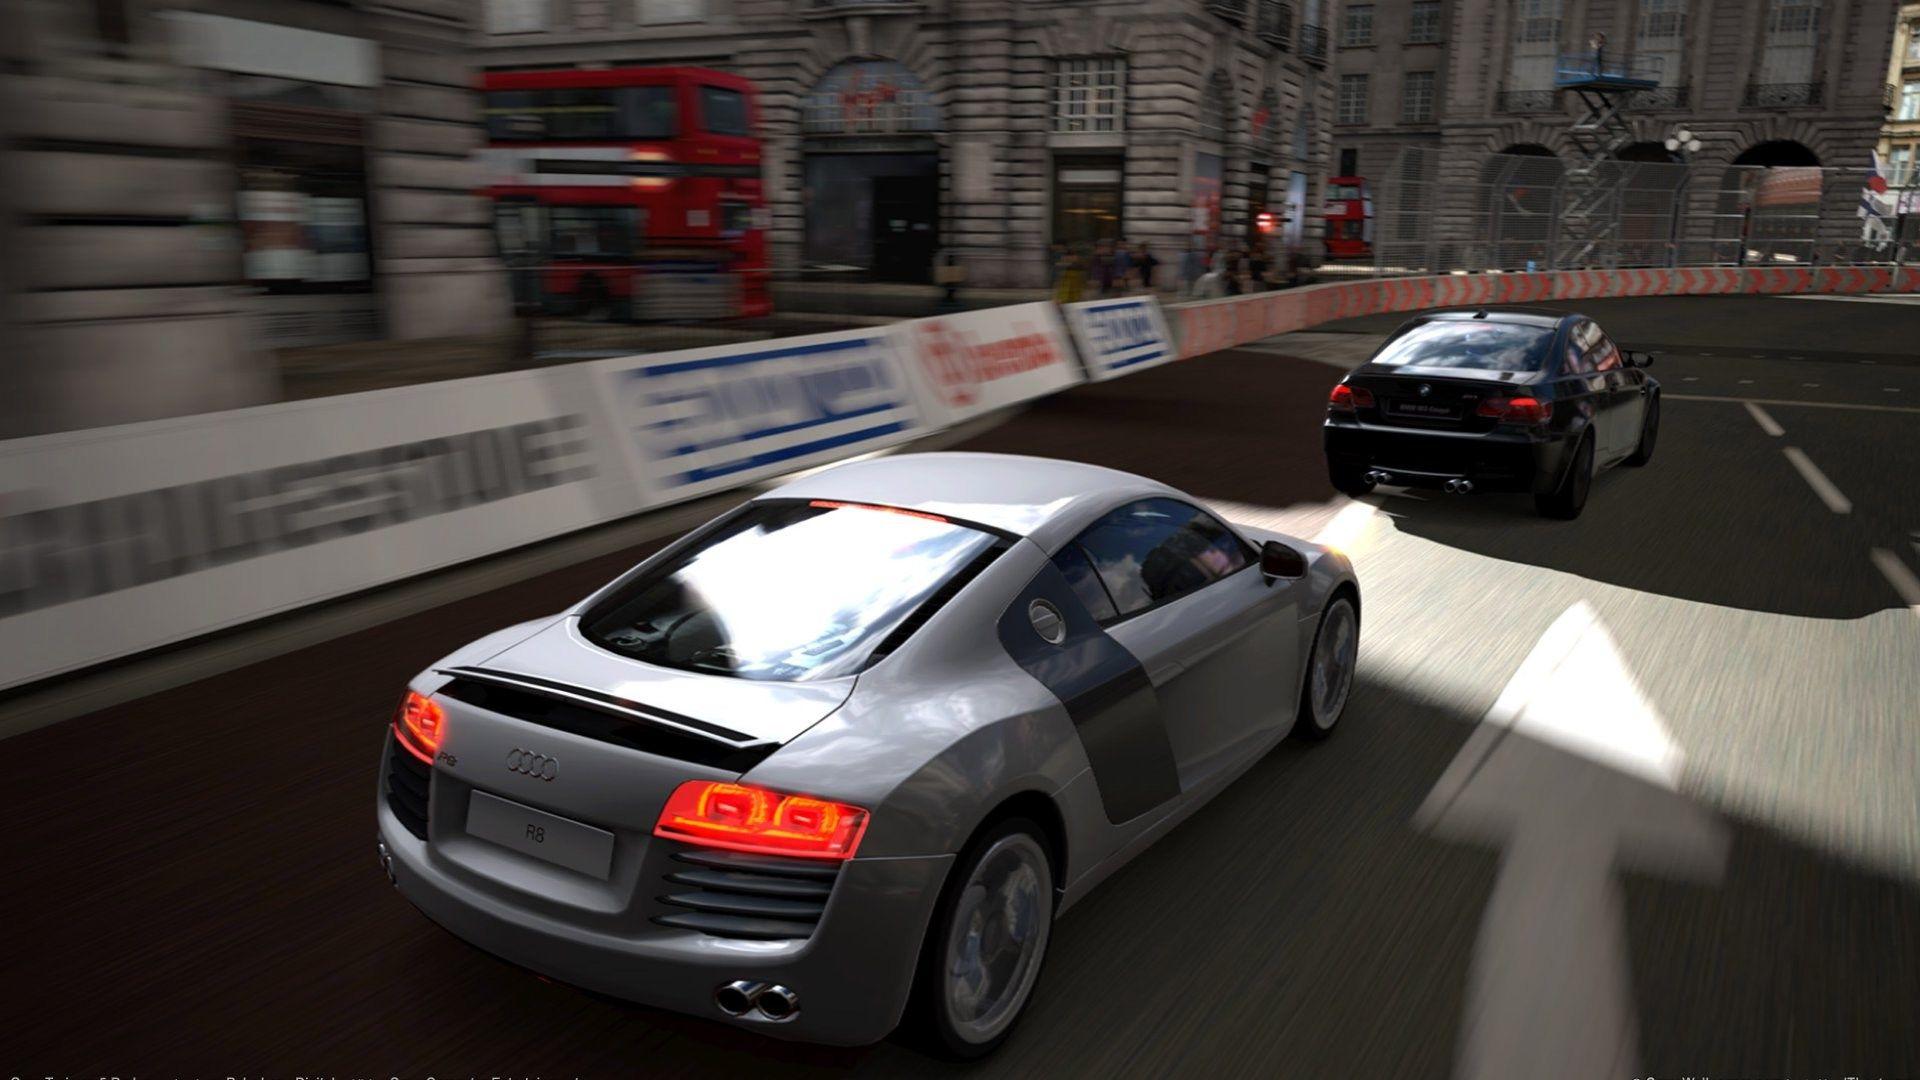 gran turismo for desktops Cars, 4k wallpaper for mobile